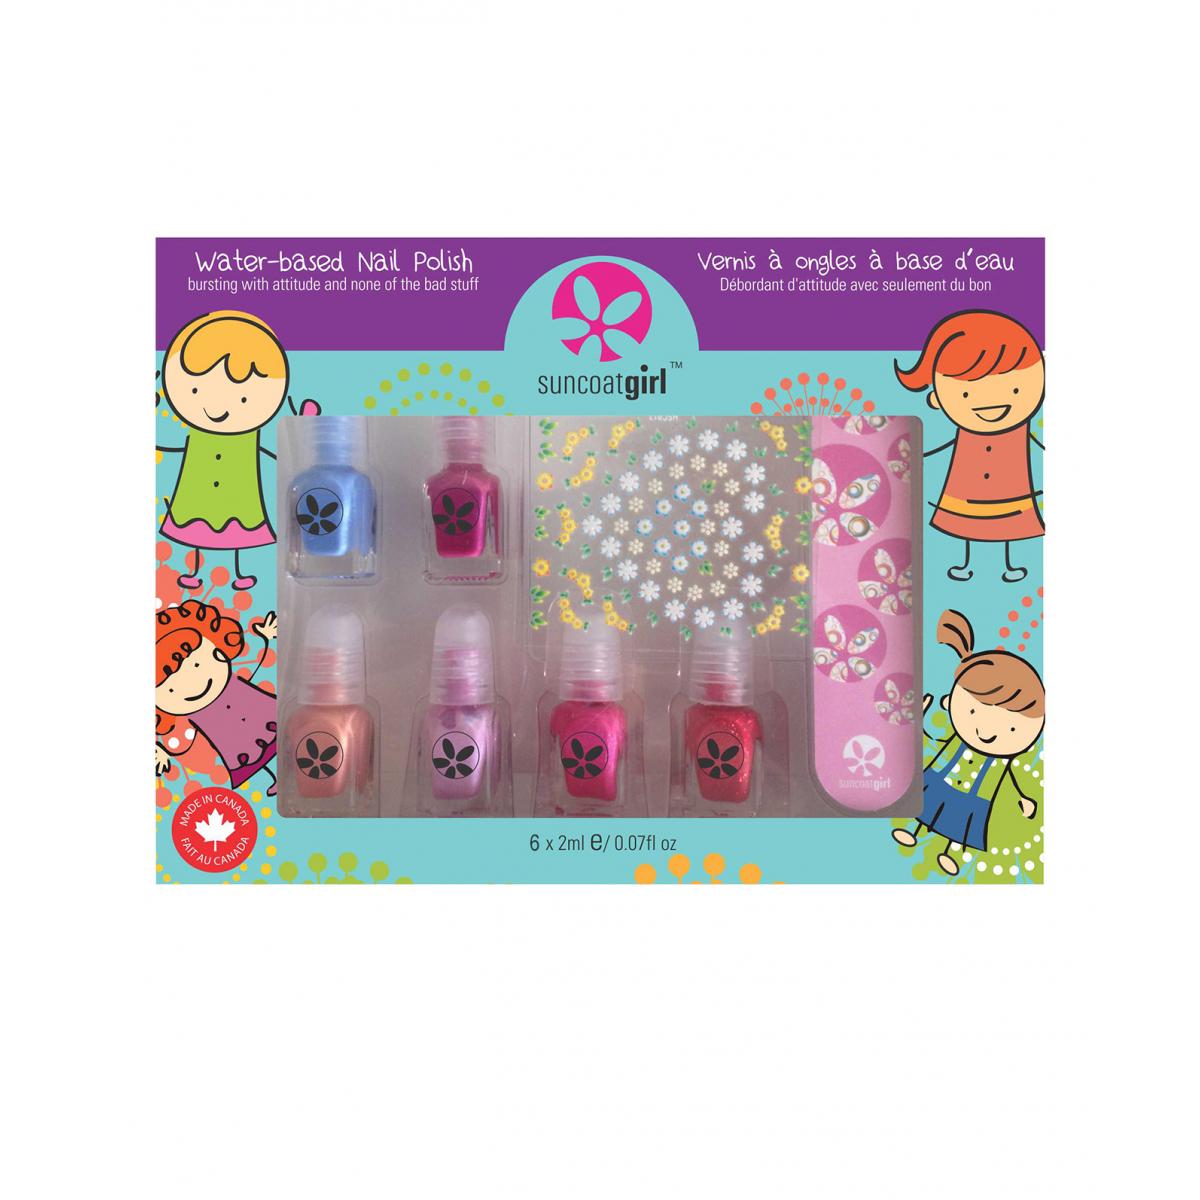 set de 6 minis vernis ongles pour enfant et accessoires partir de 3 ans sebio